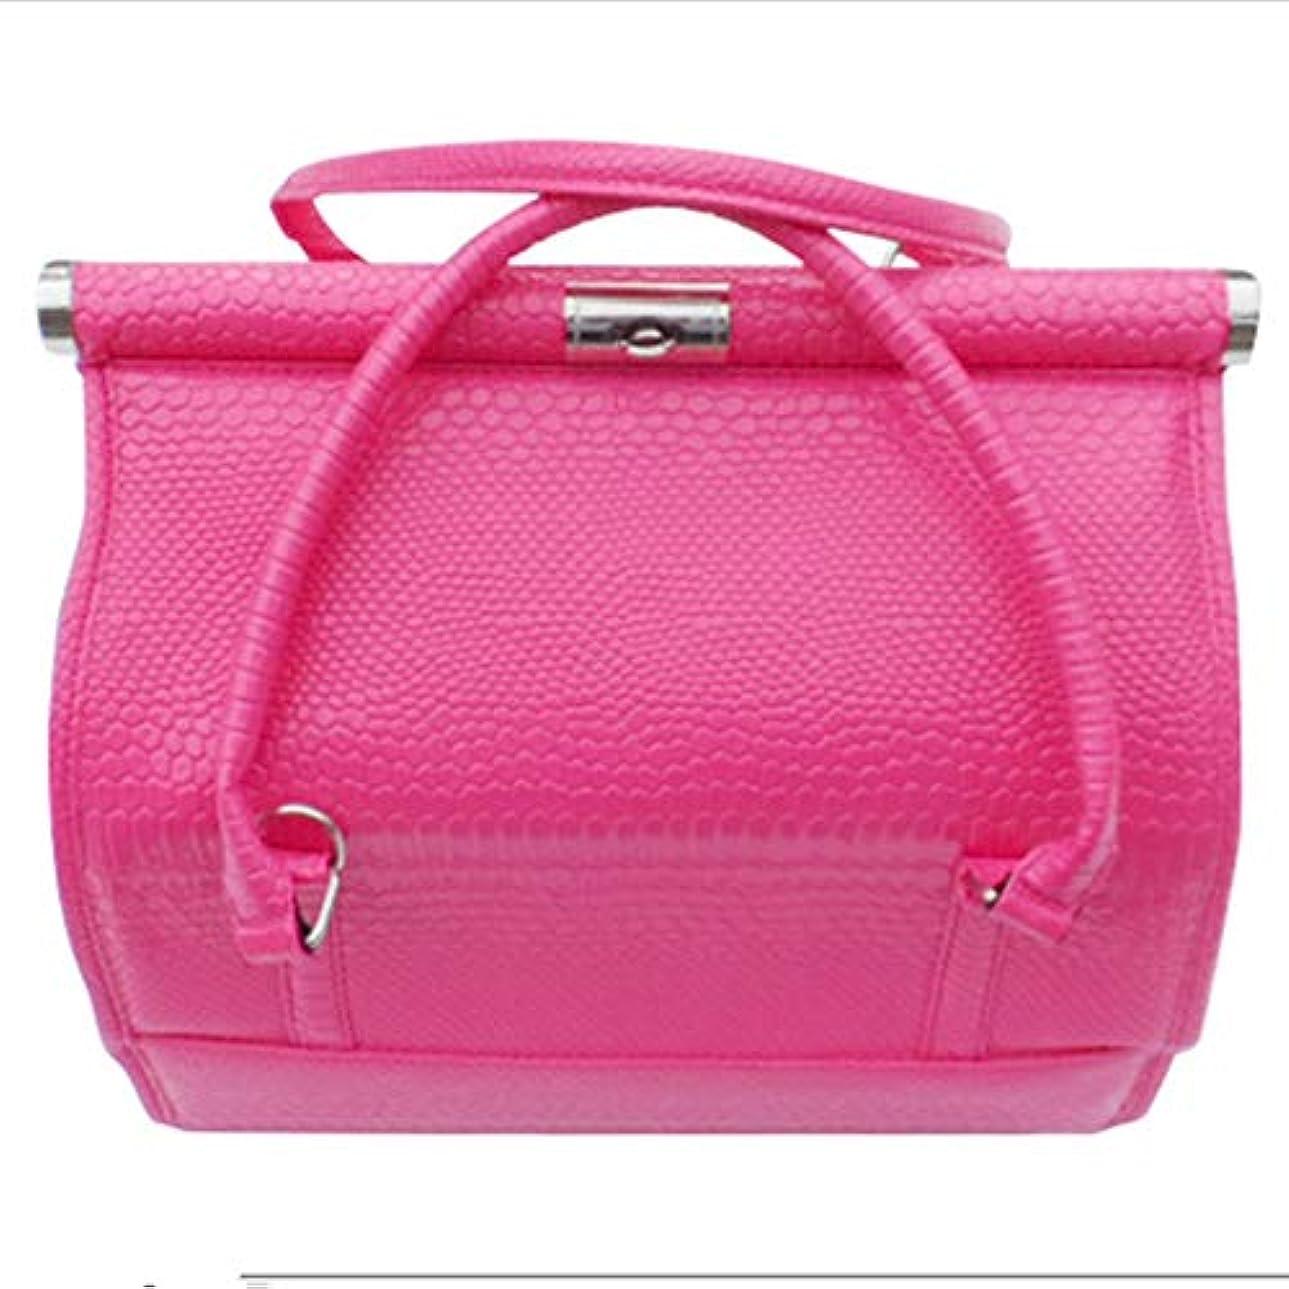 ラメアスレチックトリム化粧オーガナイザーバッグ 女性の女性のための美容メイクアップのためのポータブル化粧品バッグ旅行と折り畳みトレイで毎日のストレージ 化粧品ケース